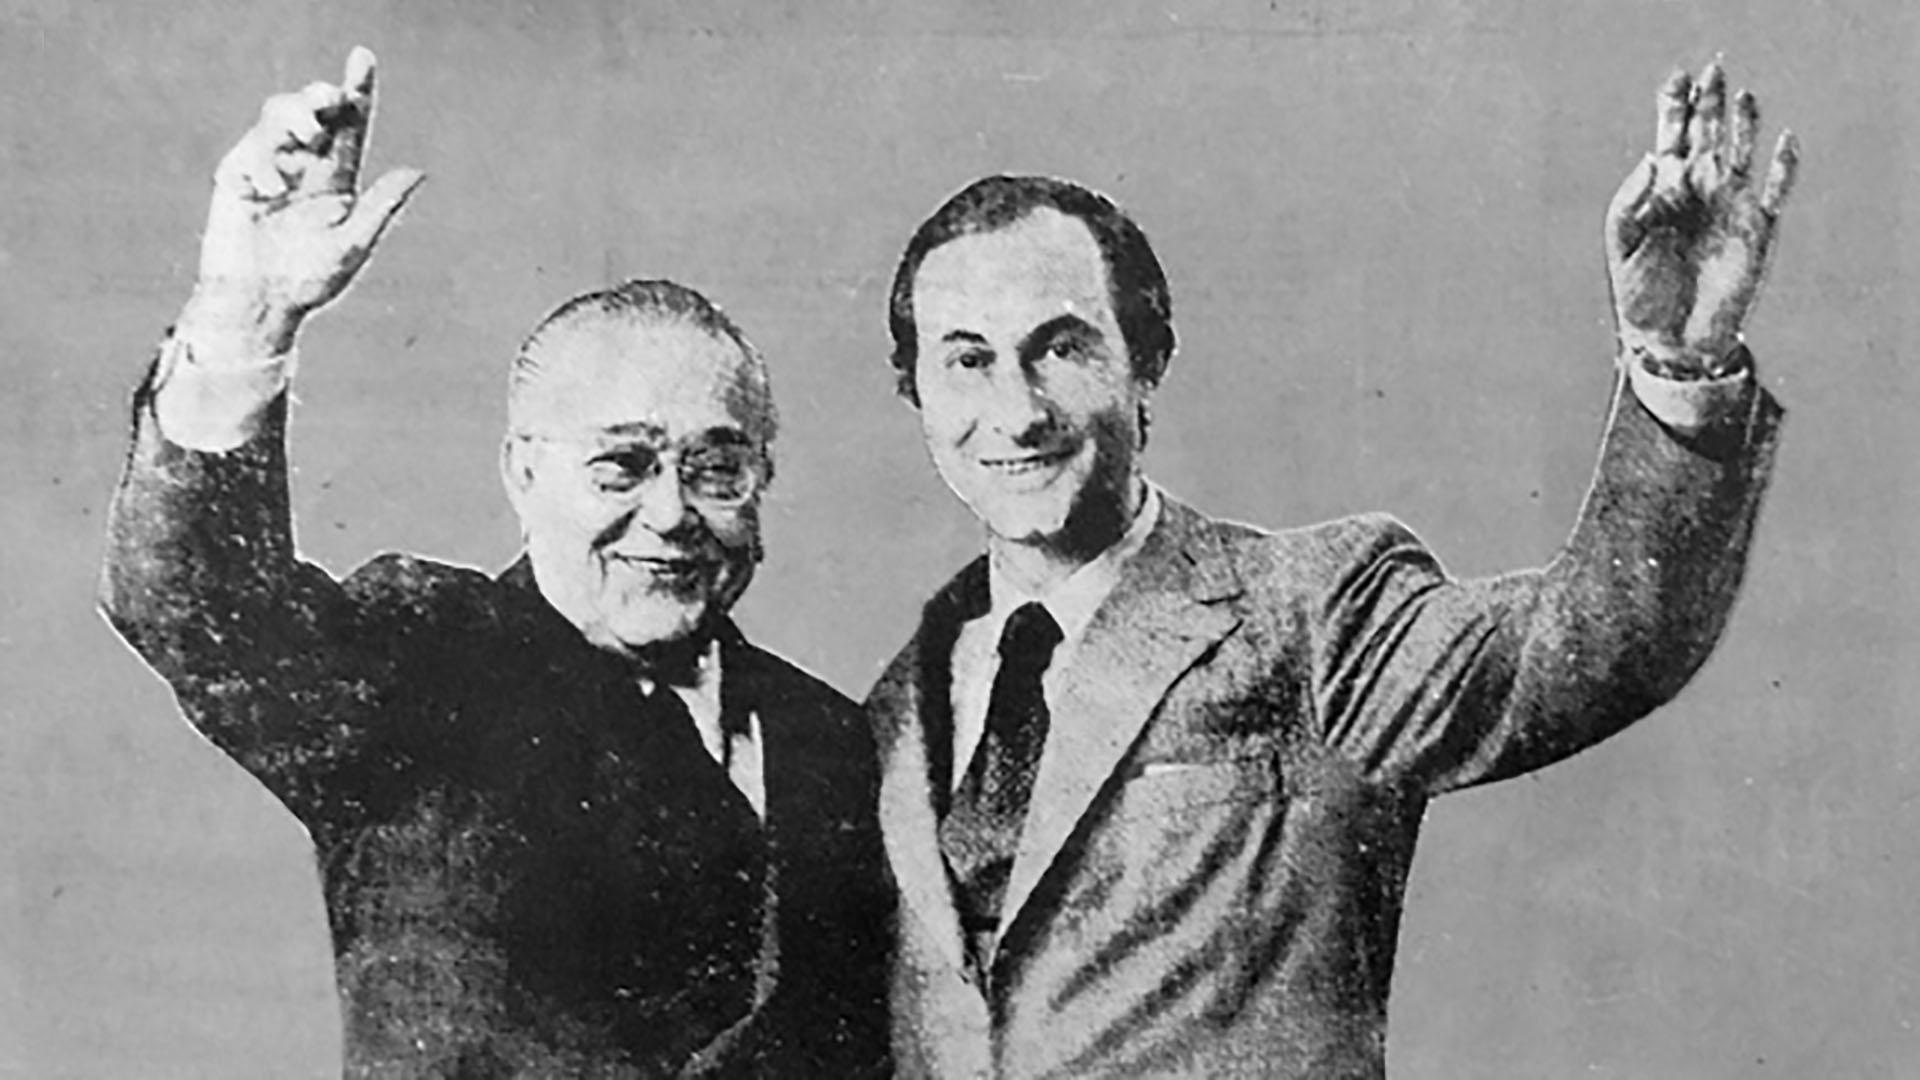 Balbin eligió a De la Rúa como candidato a vicepresidente en las elecciones presidenciales de septiembre de 1973: el binomio logró el 24,3% de los votos